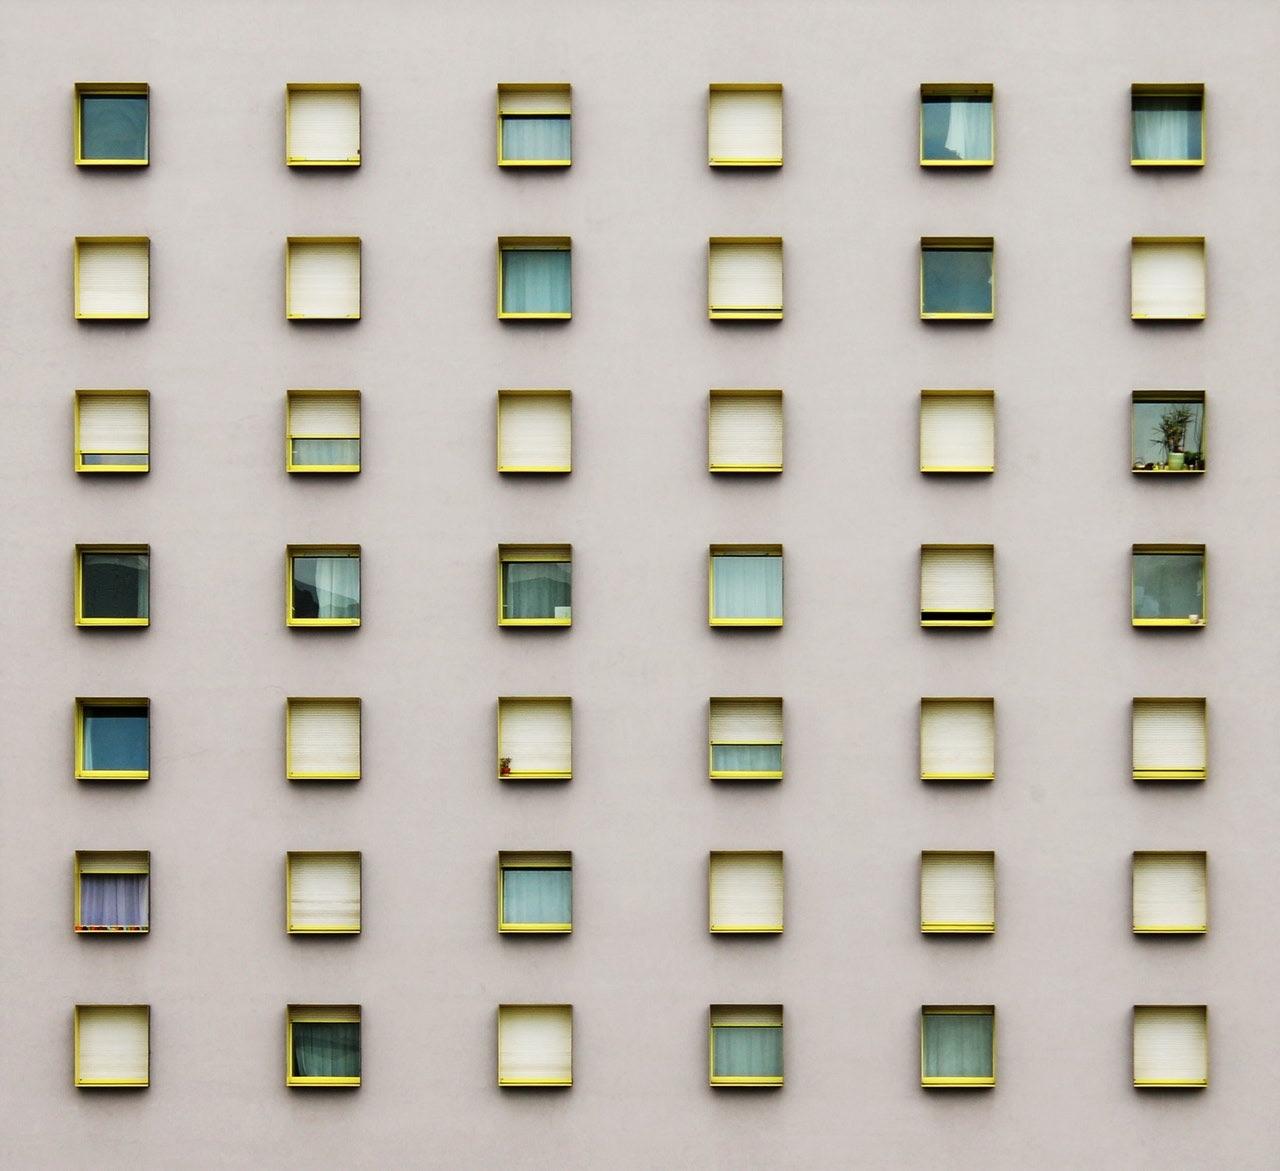 Ventajas y desventajas de las cooperativas de viviendas